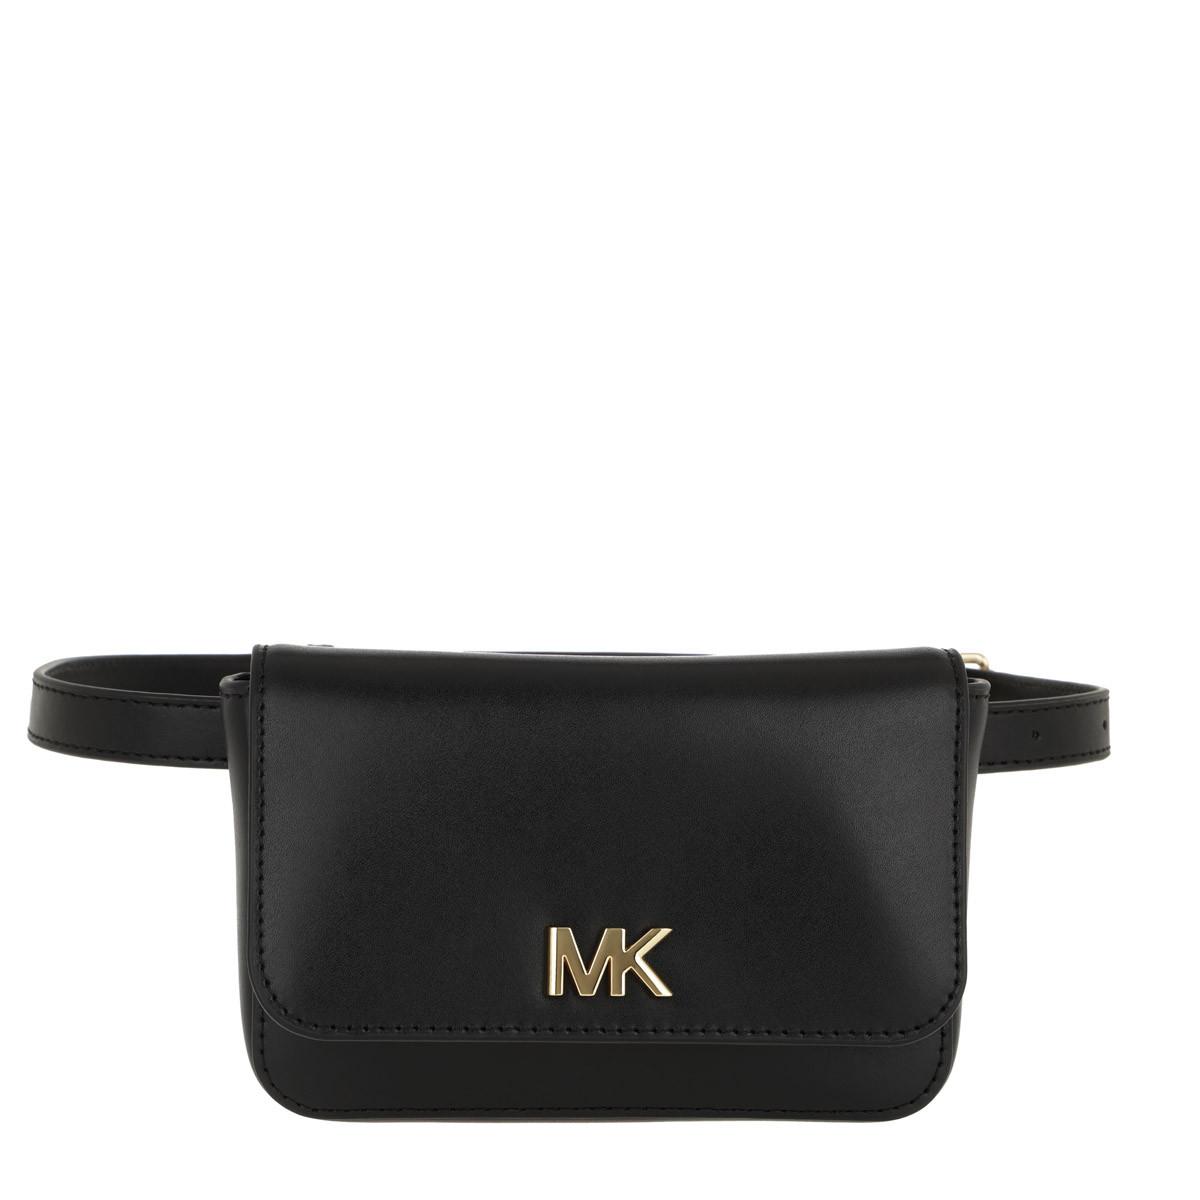 Michael Kors Gürteltasche - Mott Belt Bag Black - in schwarz - für Damen